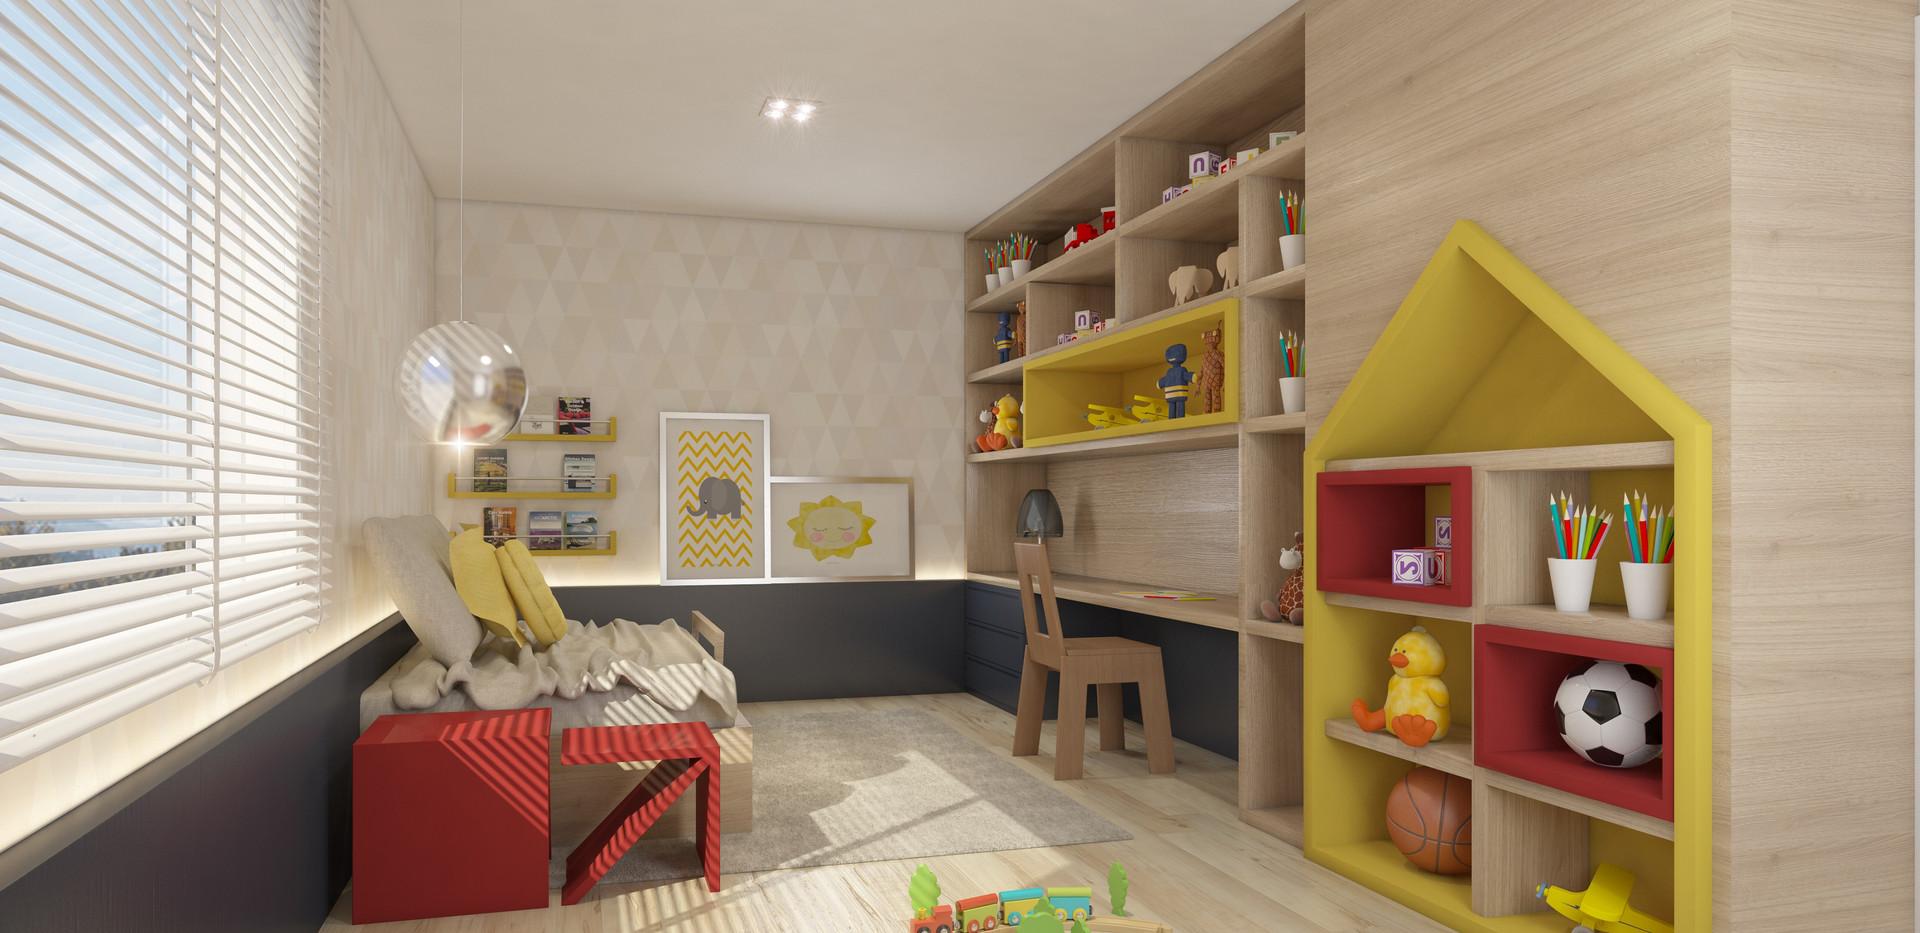 DOR06_dormitorio_infantil_quarto_guarda_